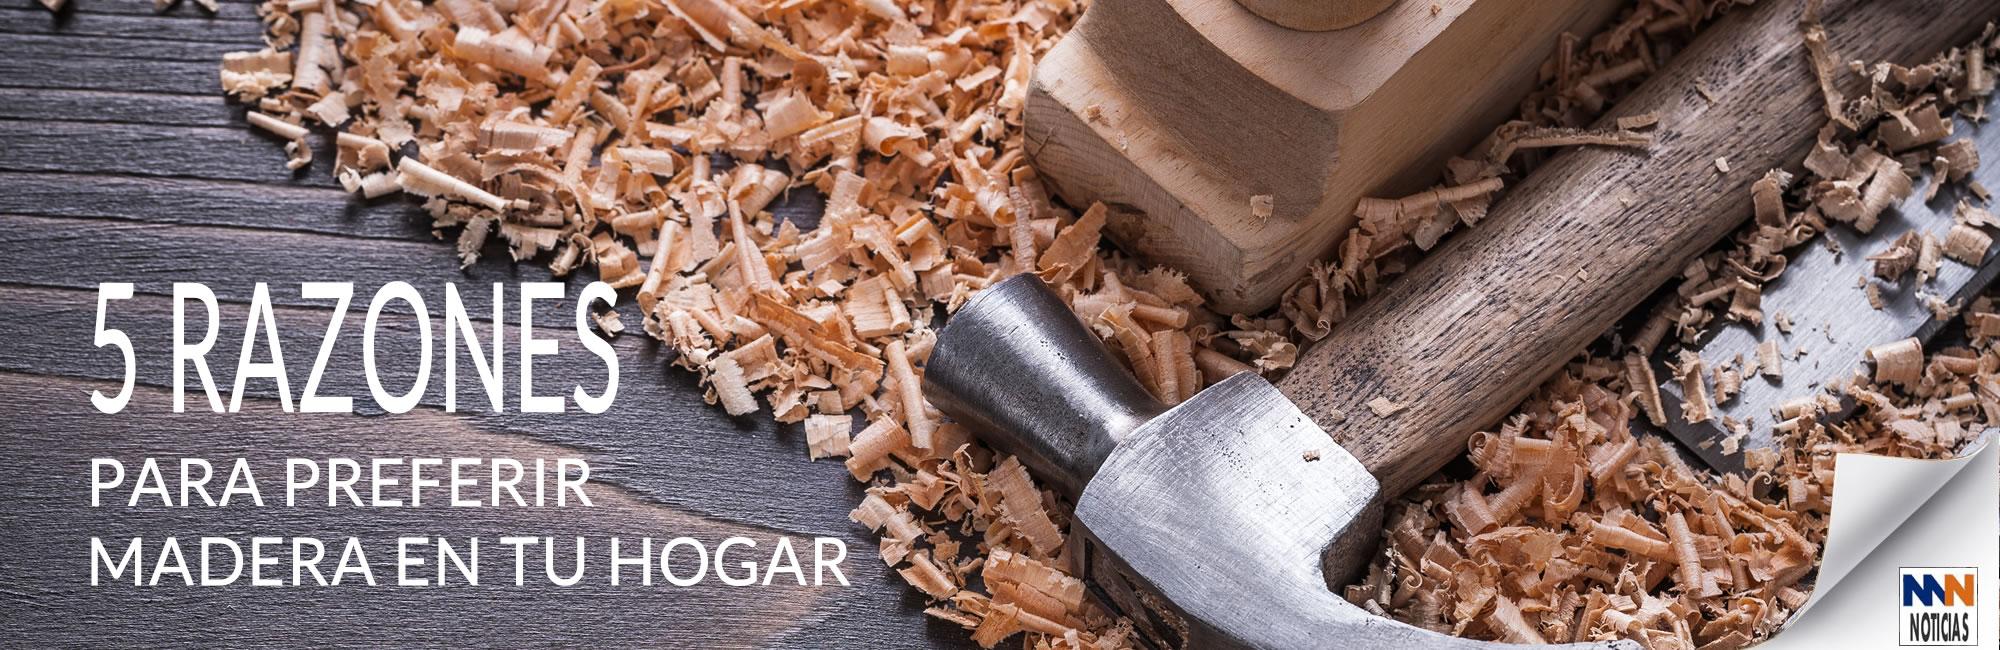 5 Razones para preferir madera en tu hogar